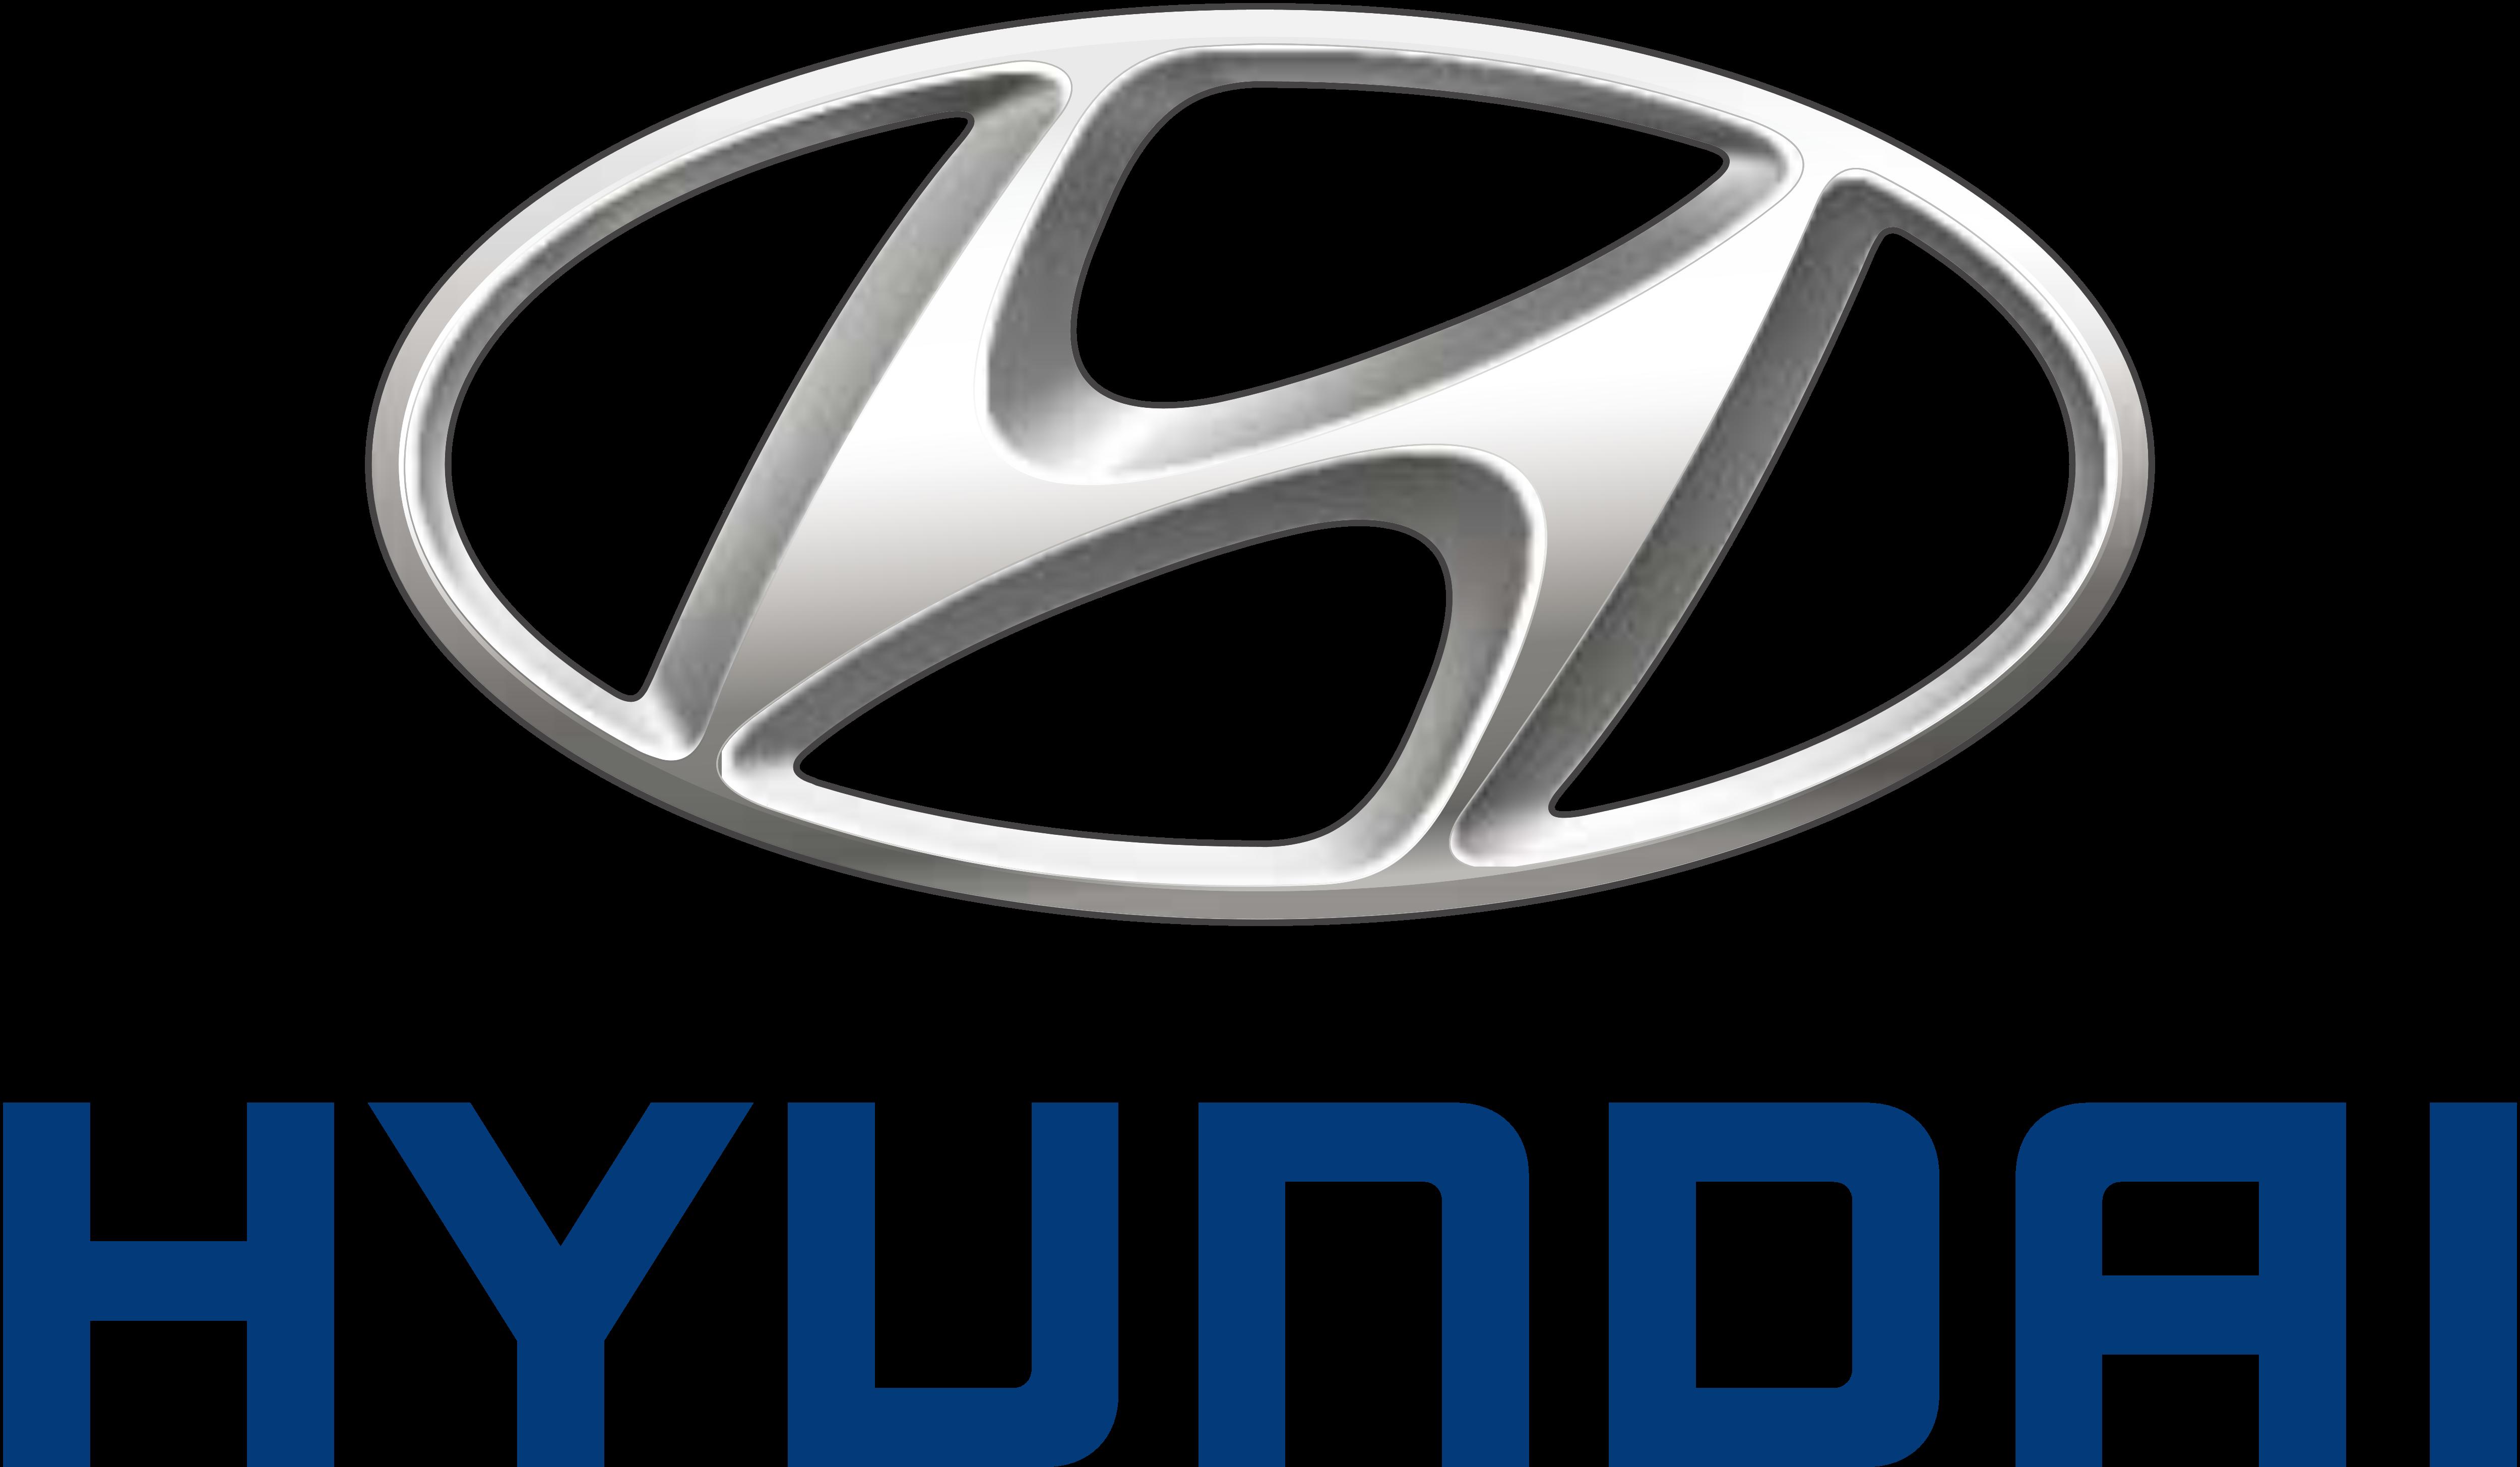 Hyundai Logos Download